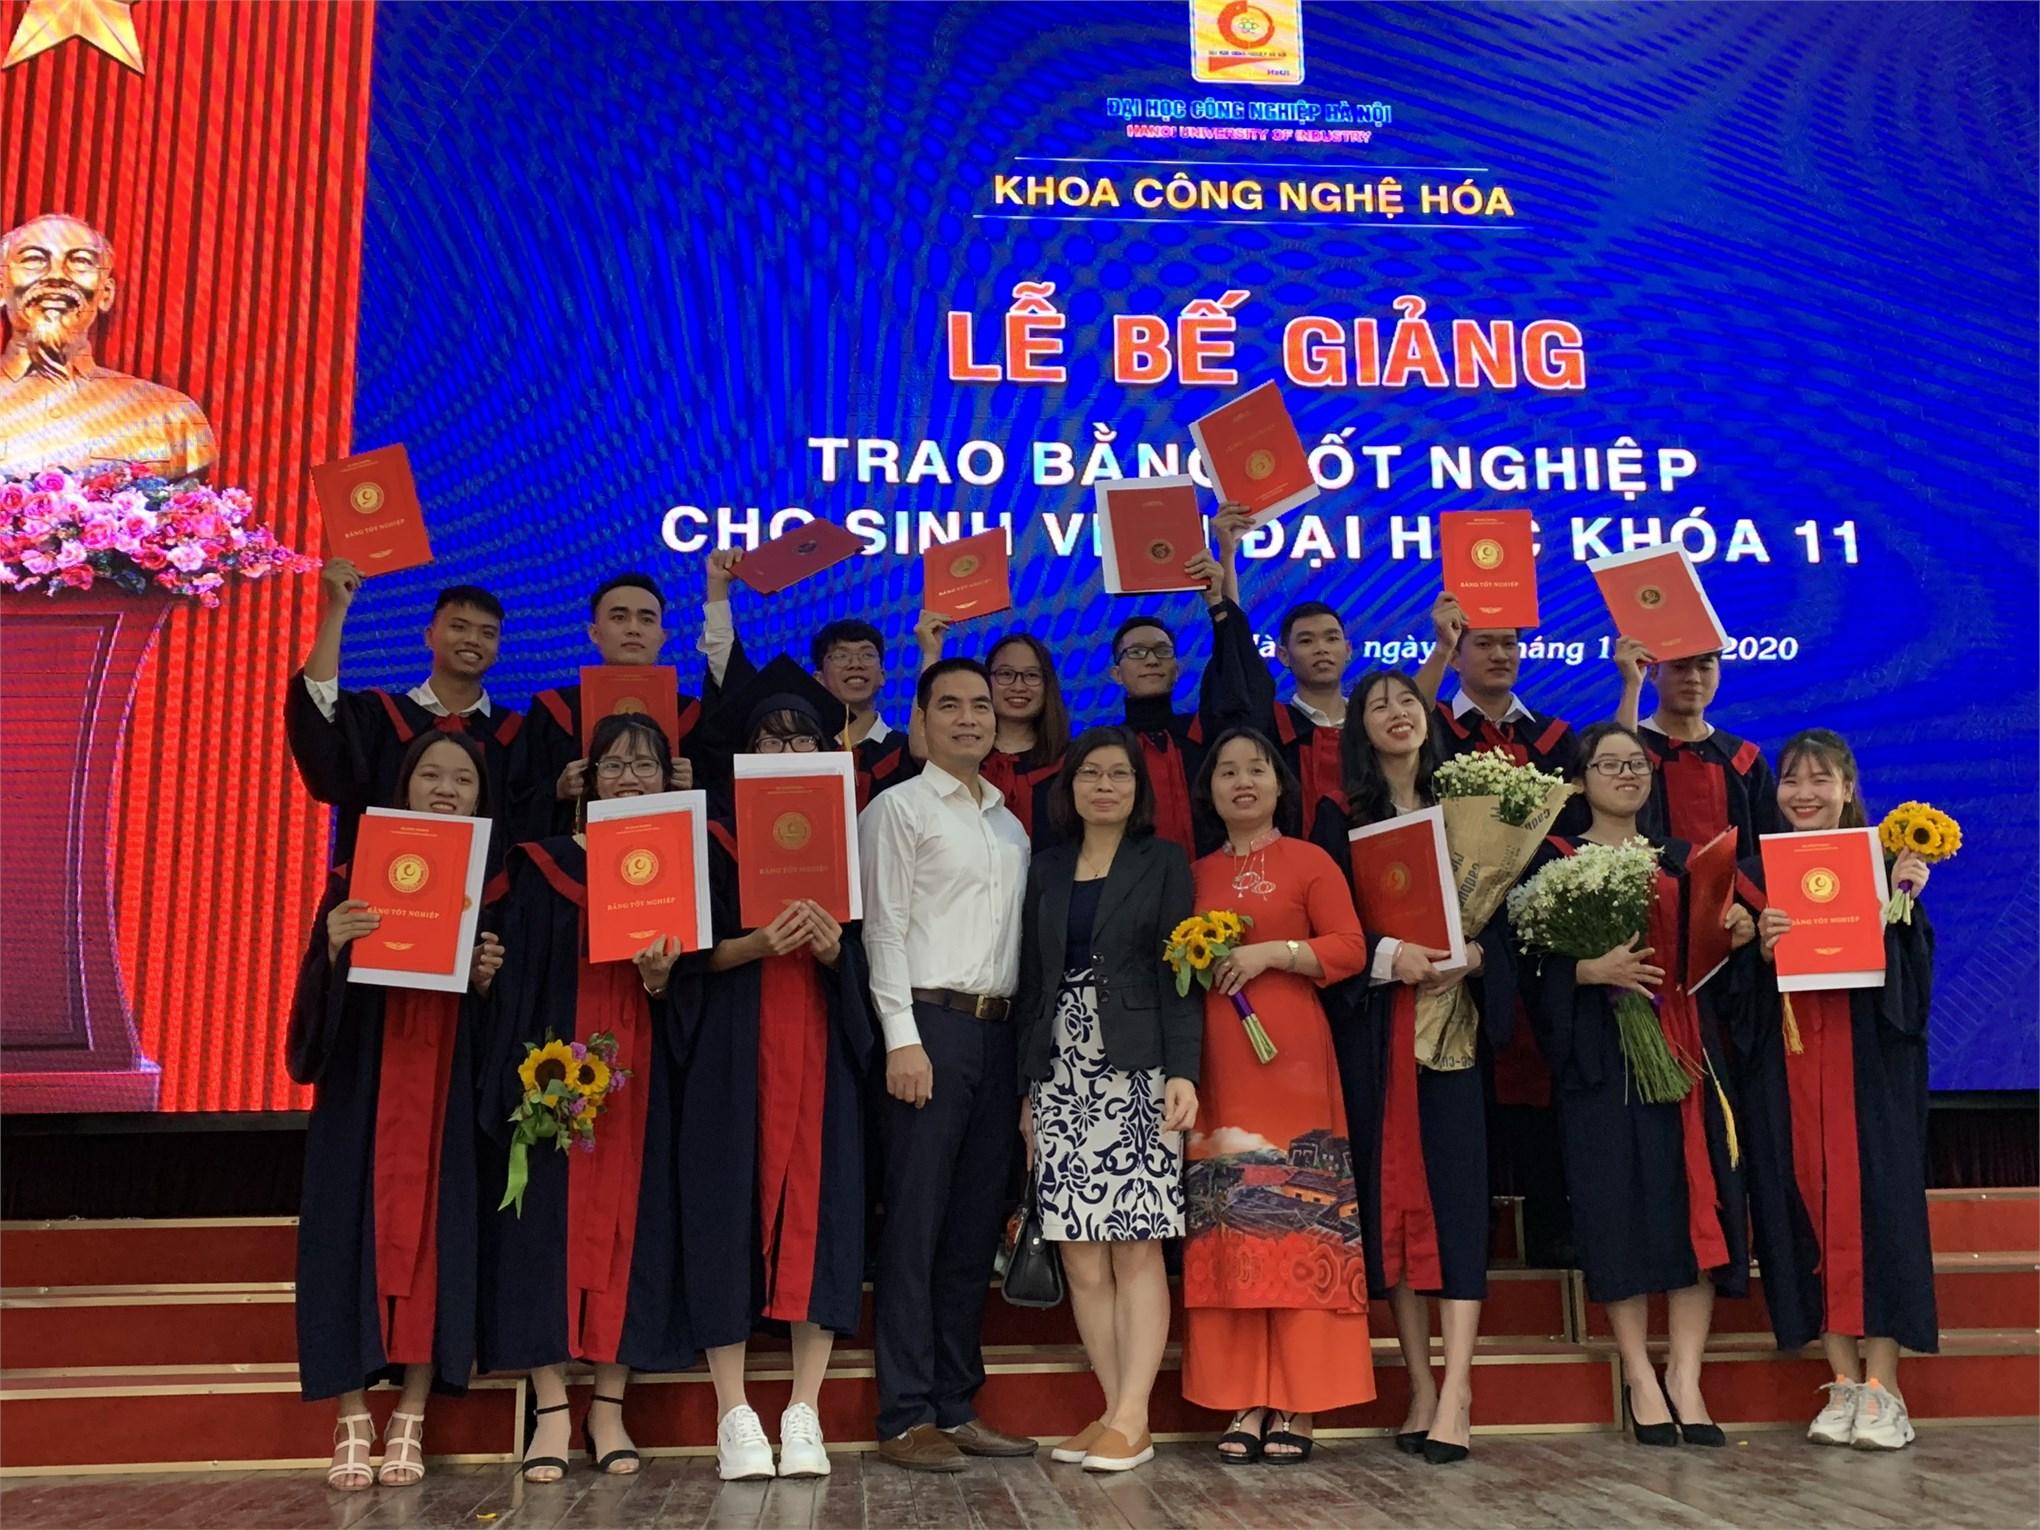 Lễ bế giảng và trao bằng tốt nghiệp cho sinh viên Đại học khóa 11 Khoa Công nghệ Hóa